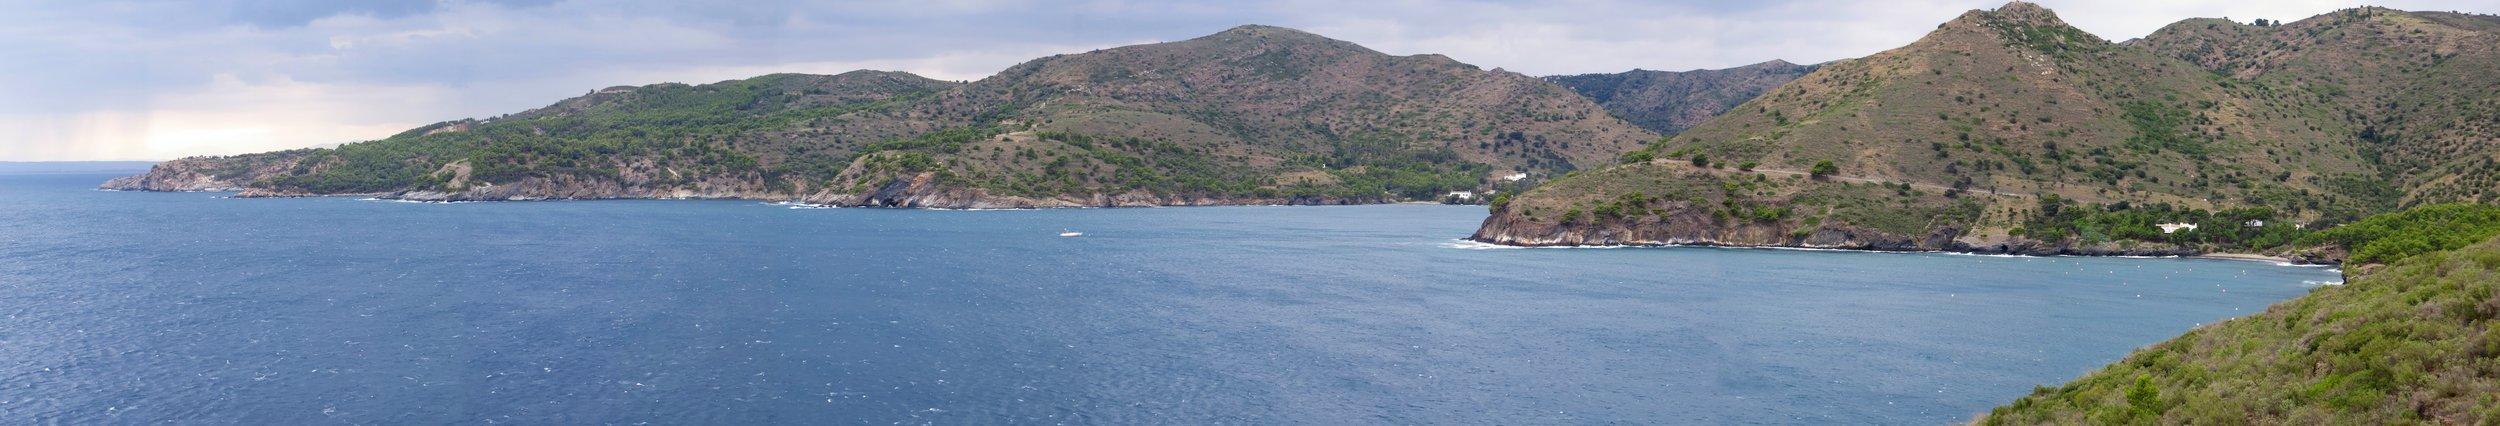 Punta de la Ferrera at Cap de Creus